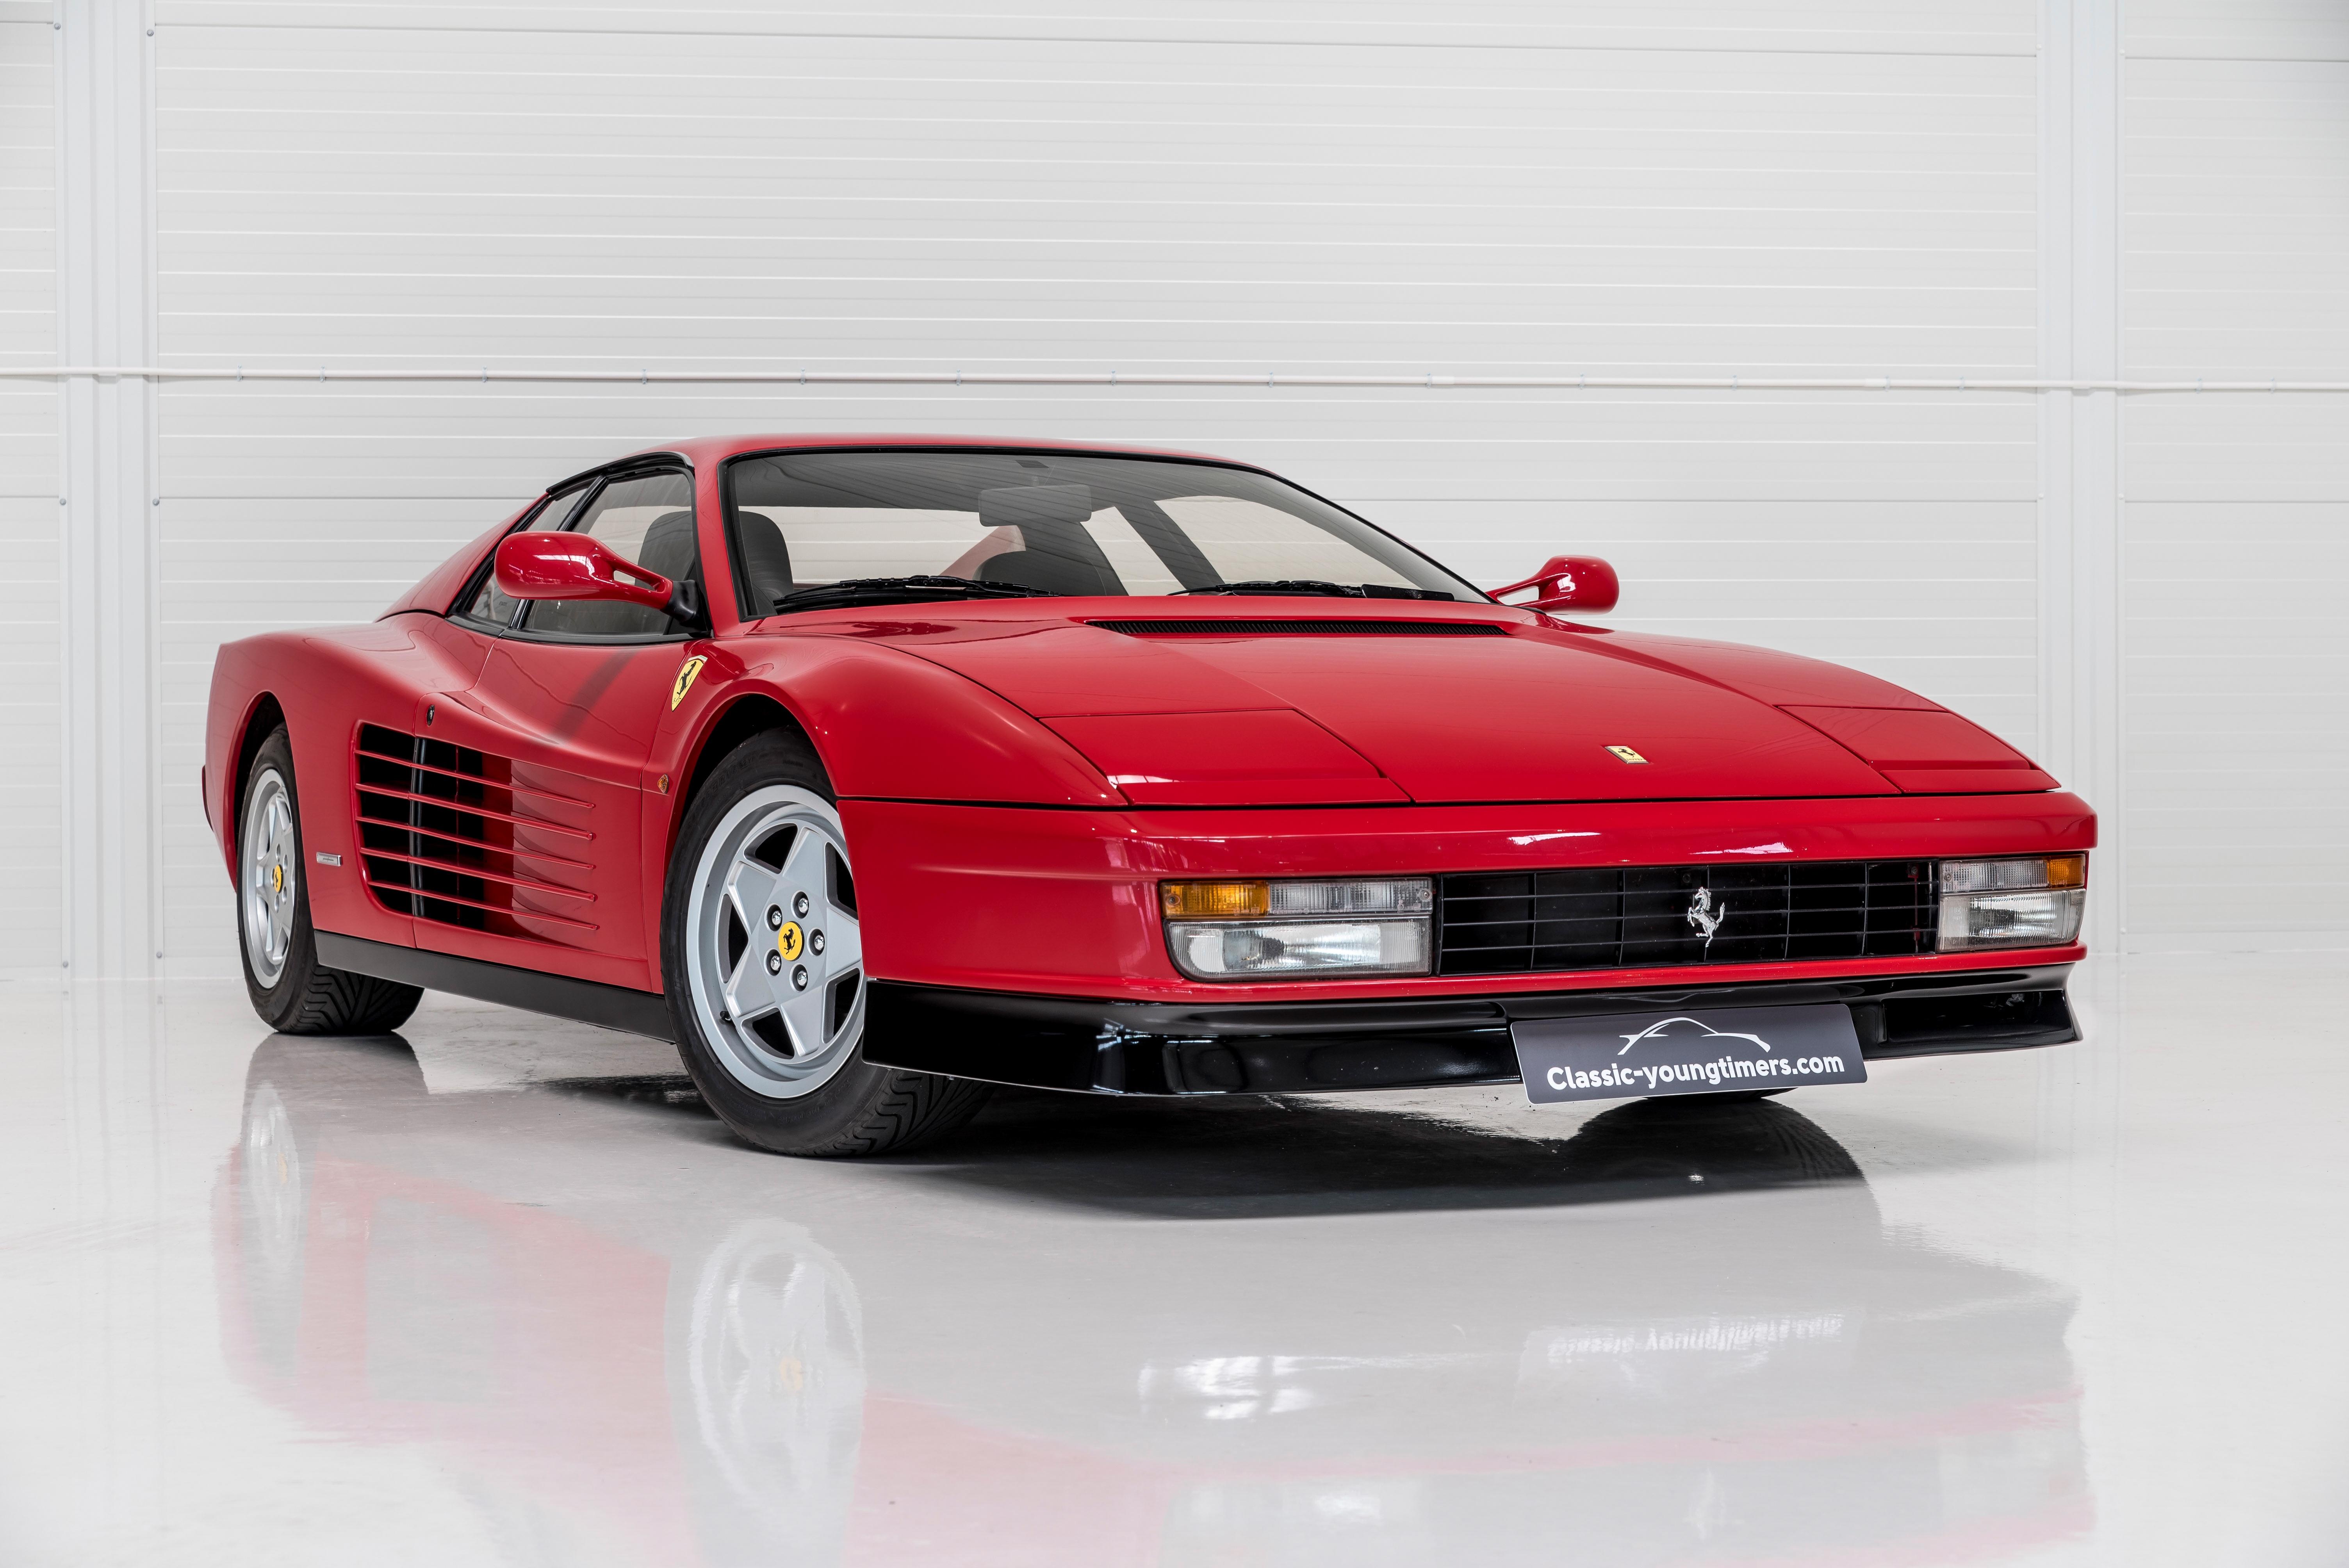 1991 Ferrari Testarossa Mint Condition Classic Driver Market